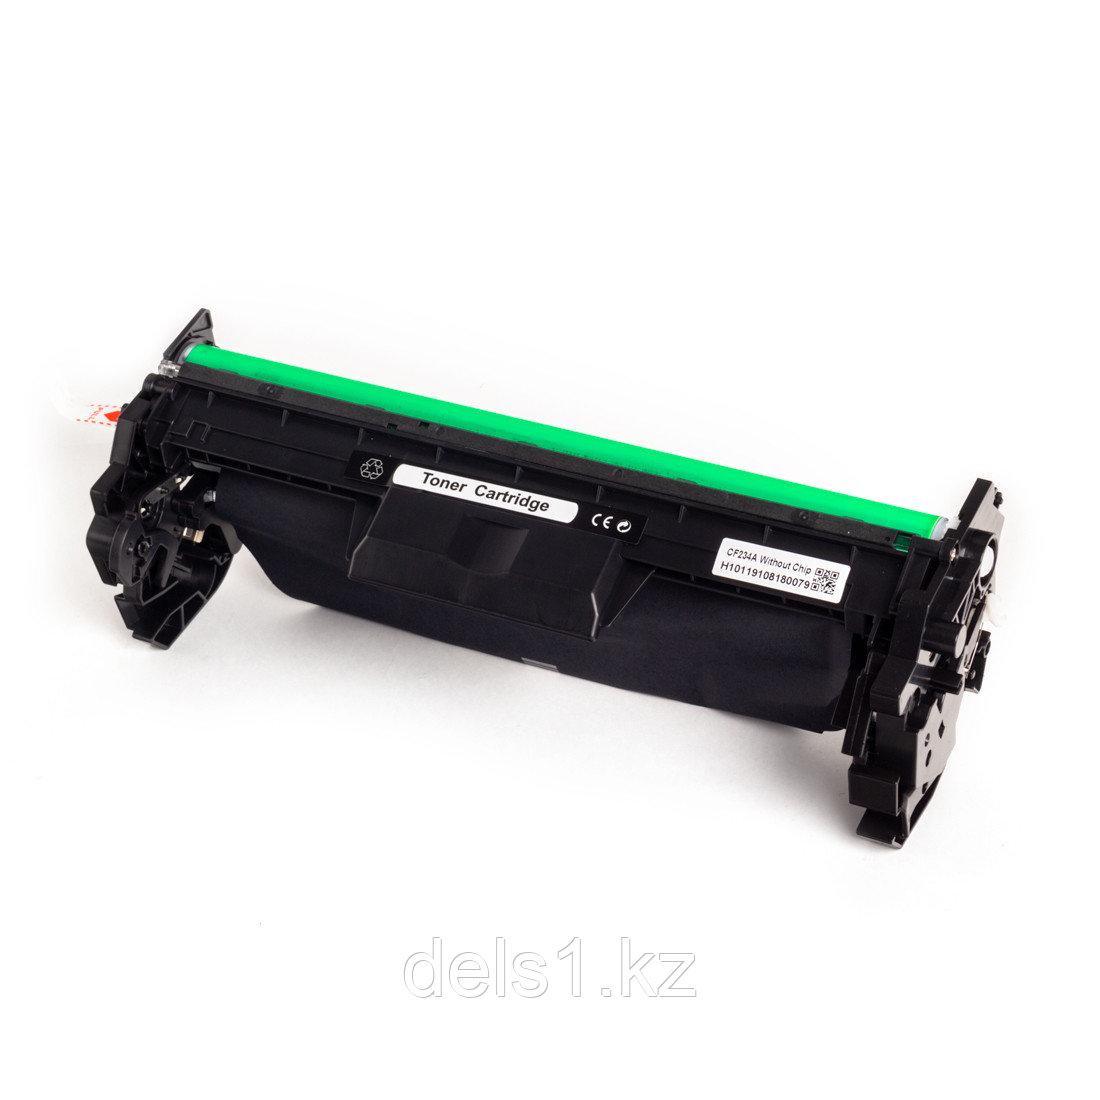 Картридж, Colorfix, CF234A (Без чипа), Для принтеров HP LaserJet Ultra M134a/M134fn/M106w, 9200 страниц.